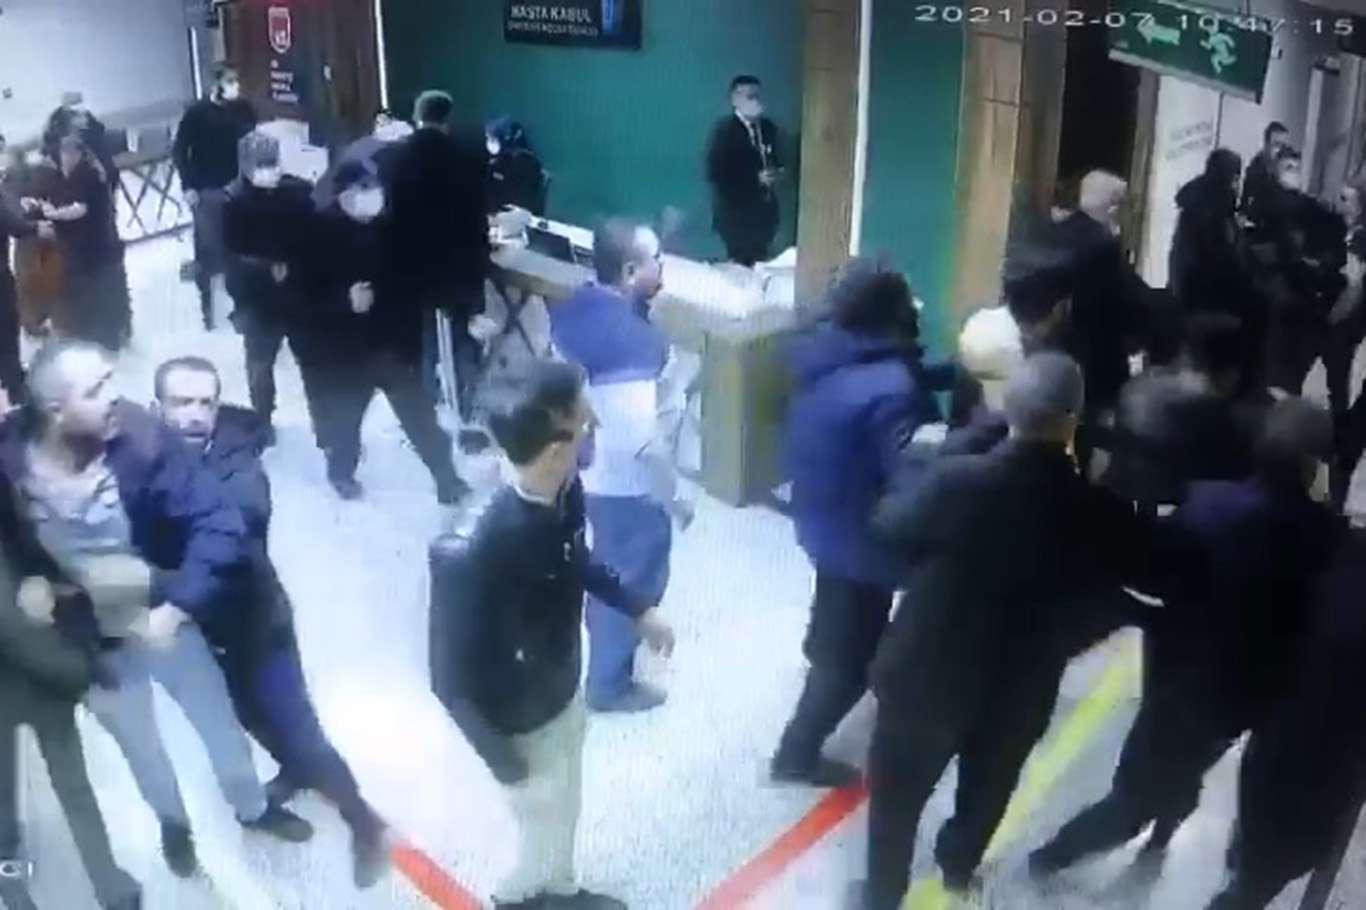 Sağlık Çalışanlarına Saldıran 4 Kişi Gözaltına Alındı